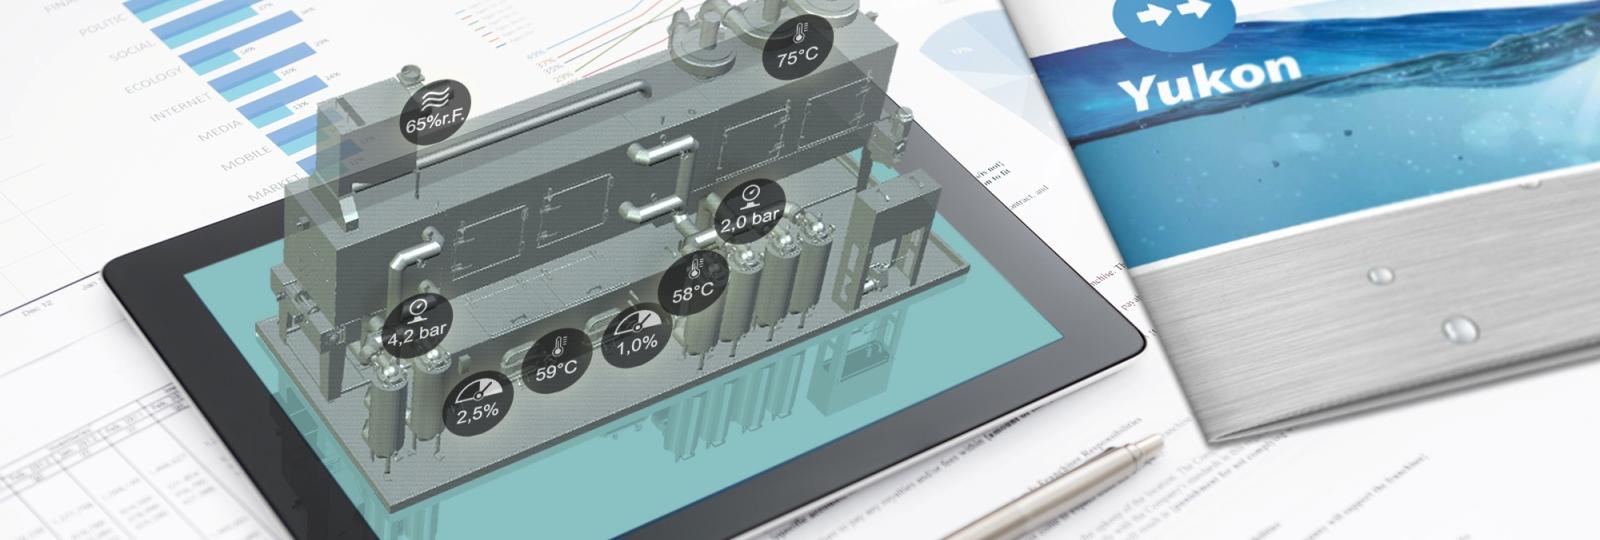 Virtuelle BvL-Reinigungsanlage mit Prozessdaten erscheint auf Tablet